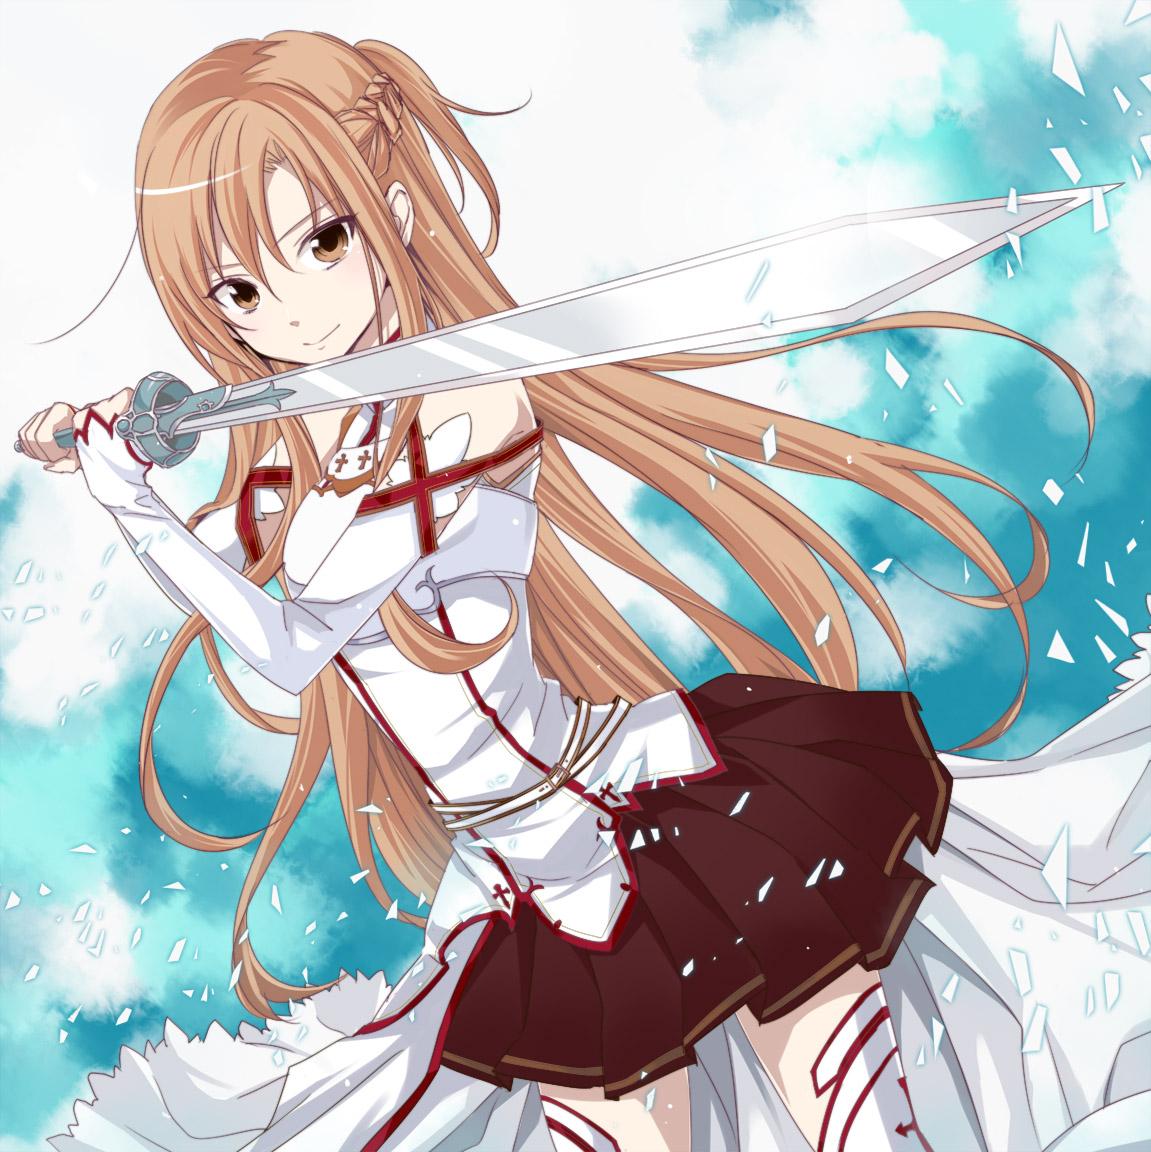 Image result for asuna (sword art online)